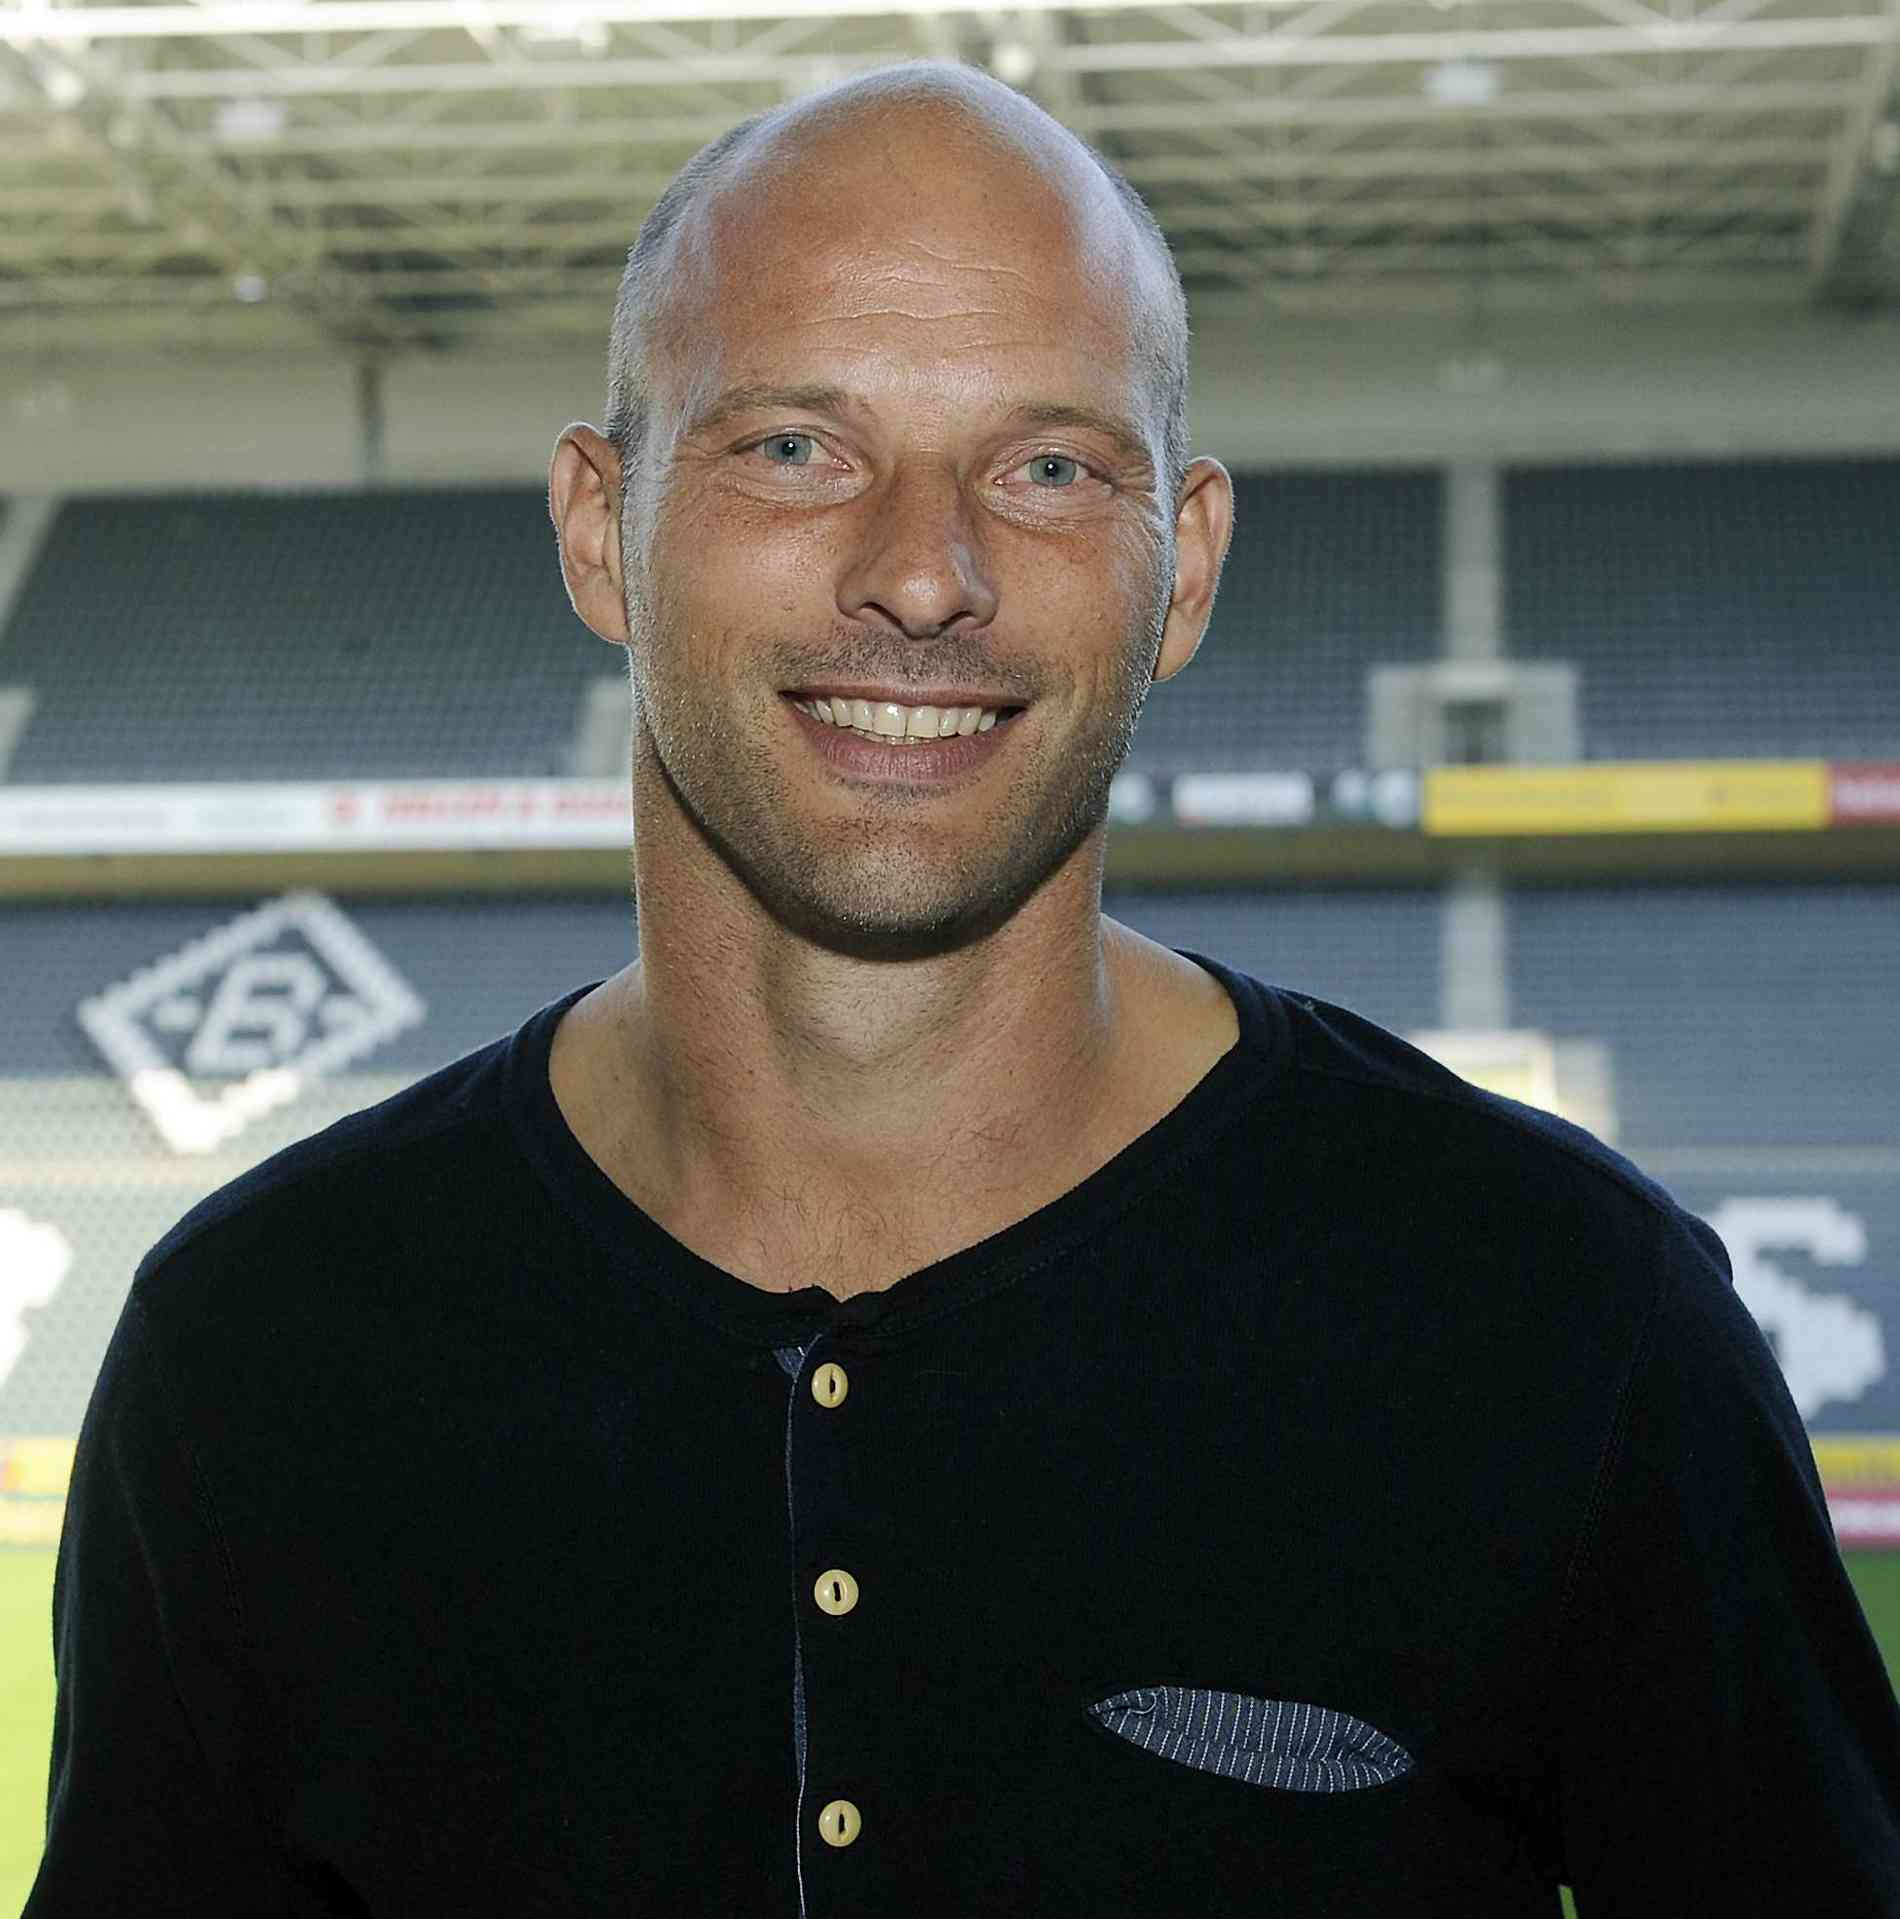 Arie Van Lent